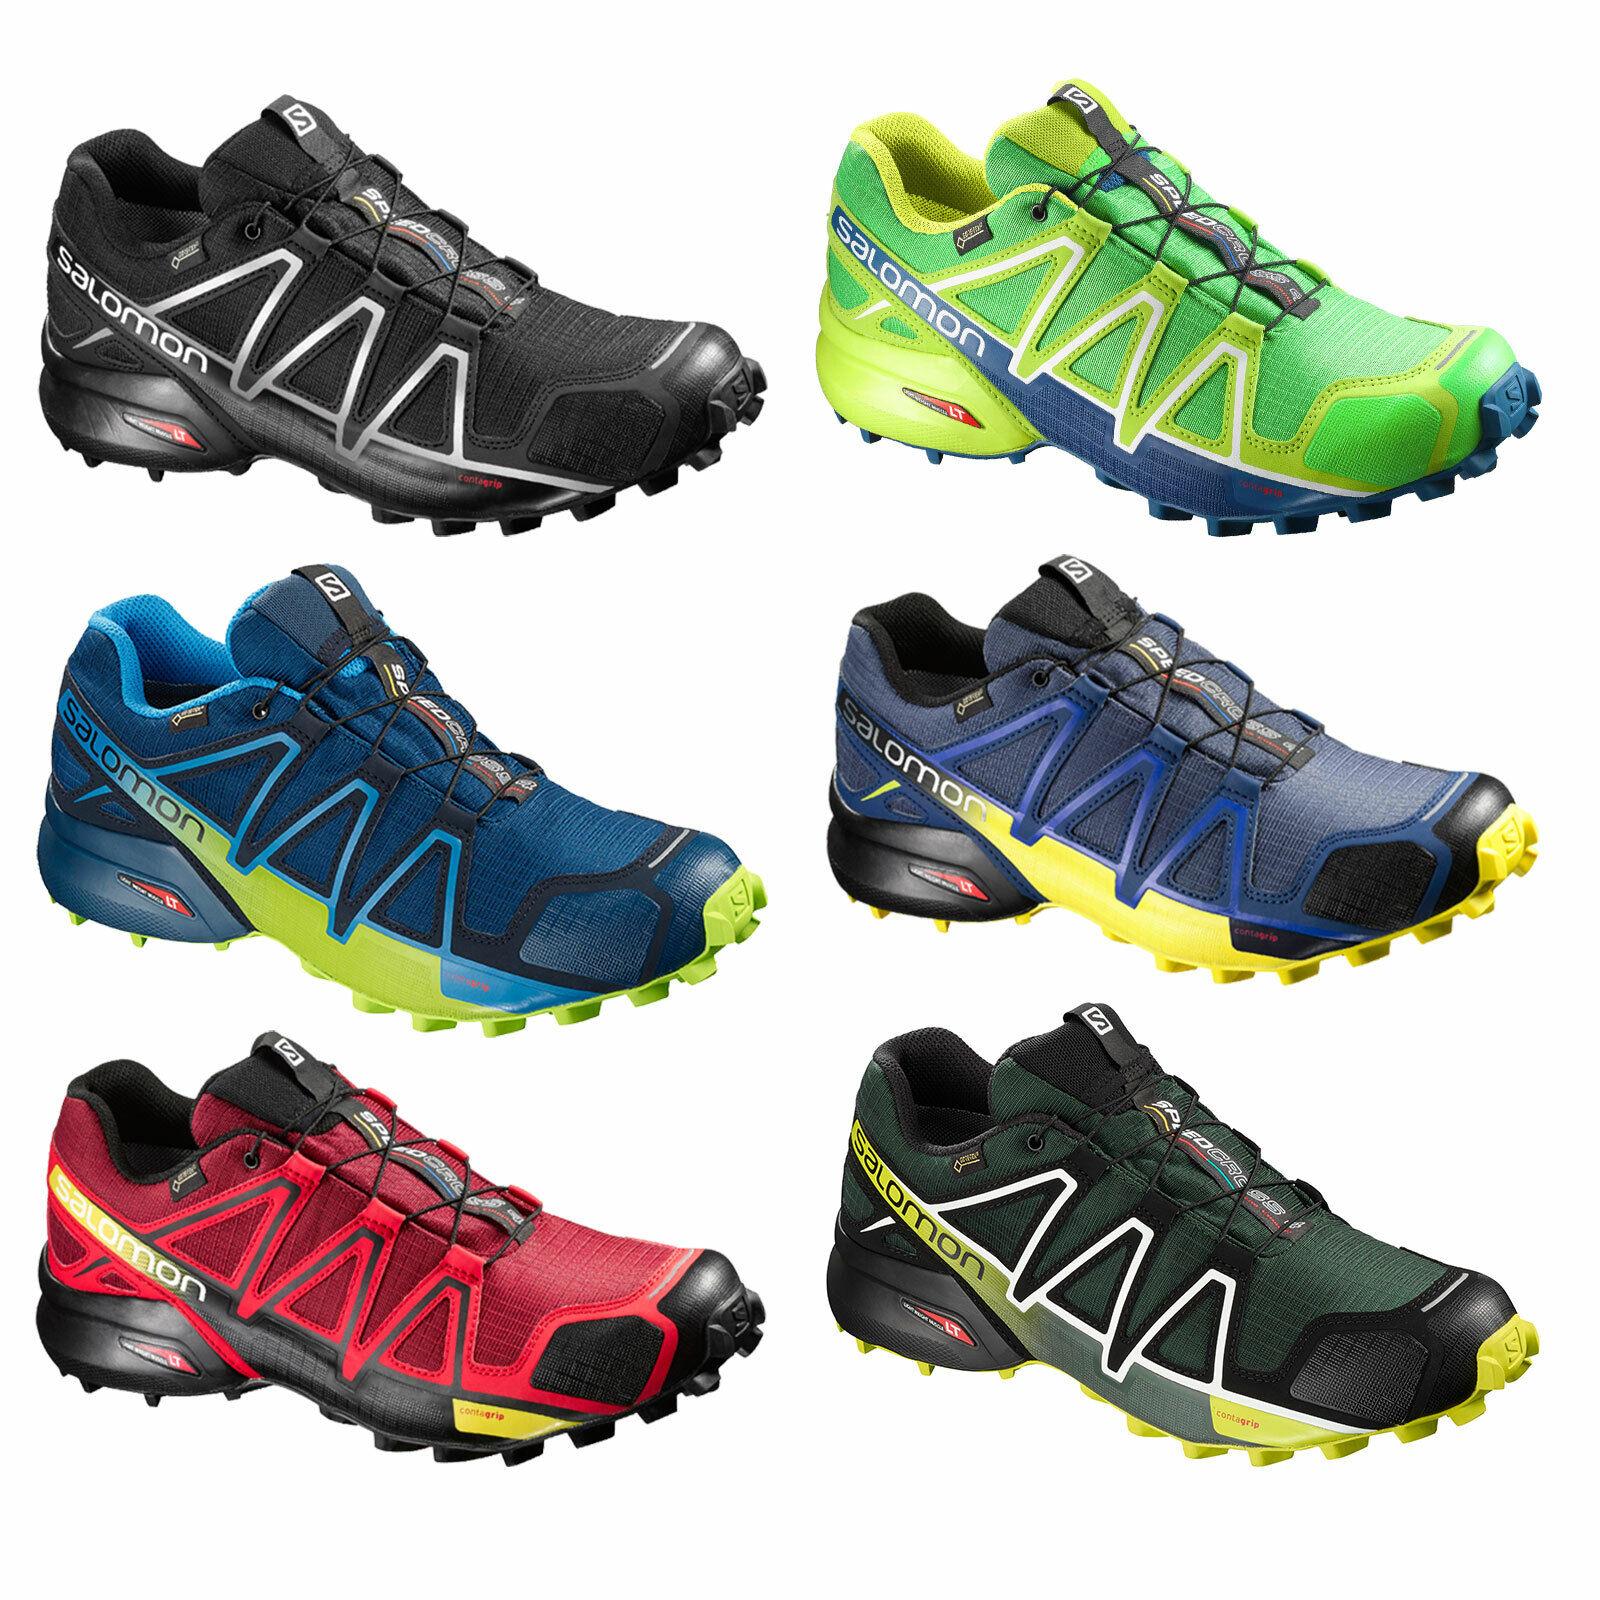 Salomon Speedcross 4 GTX Goretex caballeros-outdoorzapatos zapatillas impermeable nuevo